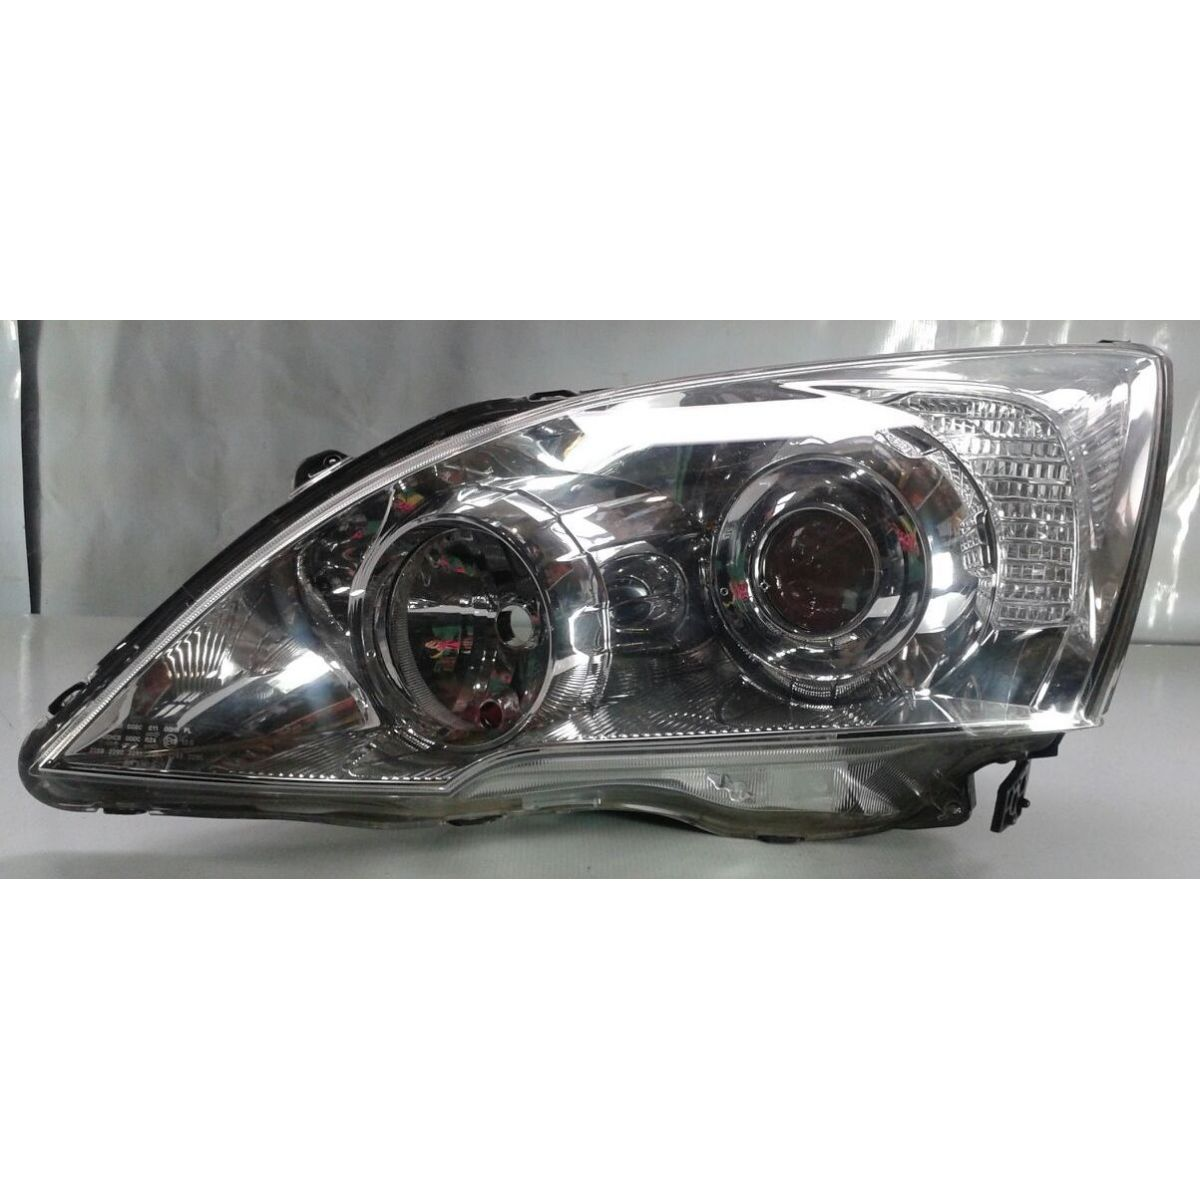 Farol Honda Crv 07 a 09 Mascara Cromada Lado Esquerdo  - Amd Auto Peças